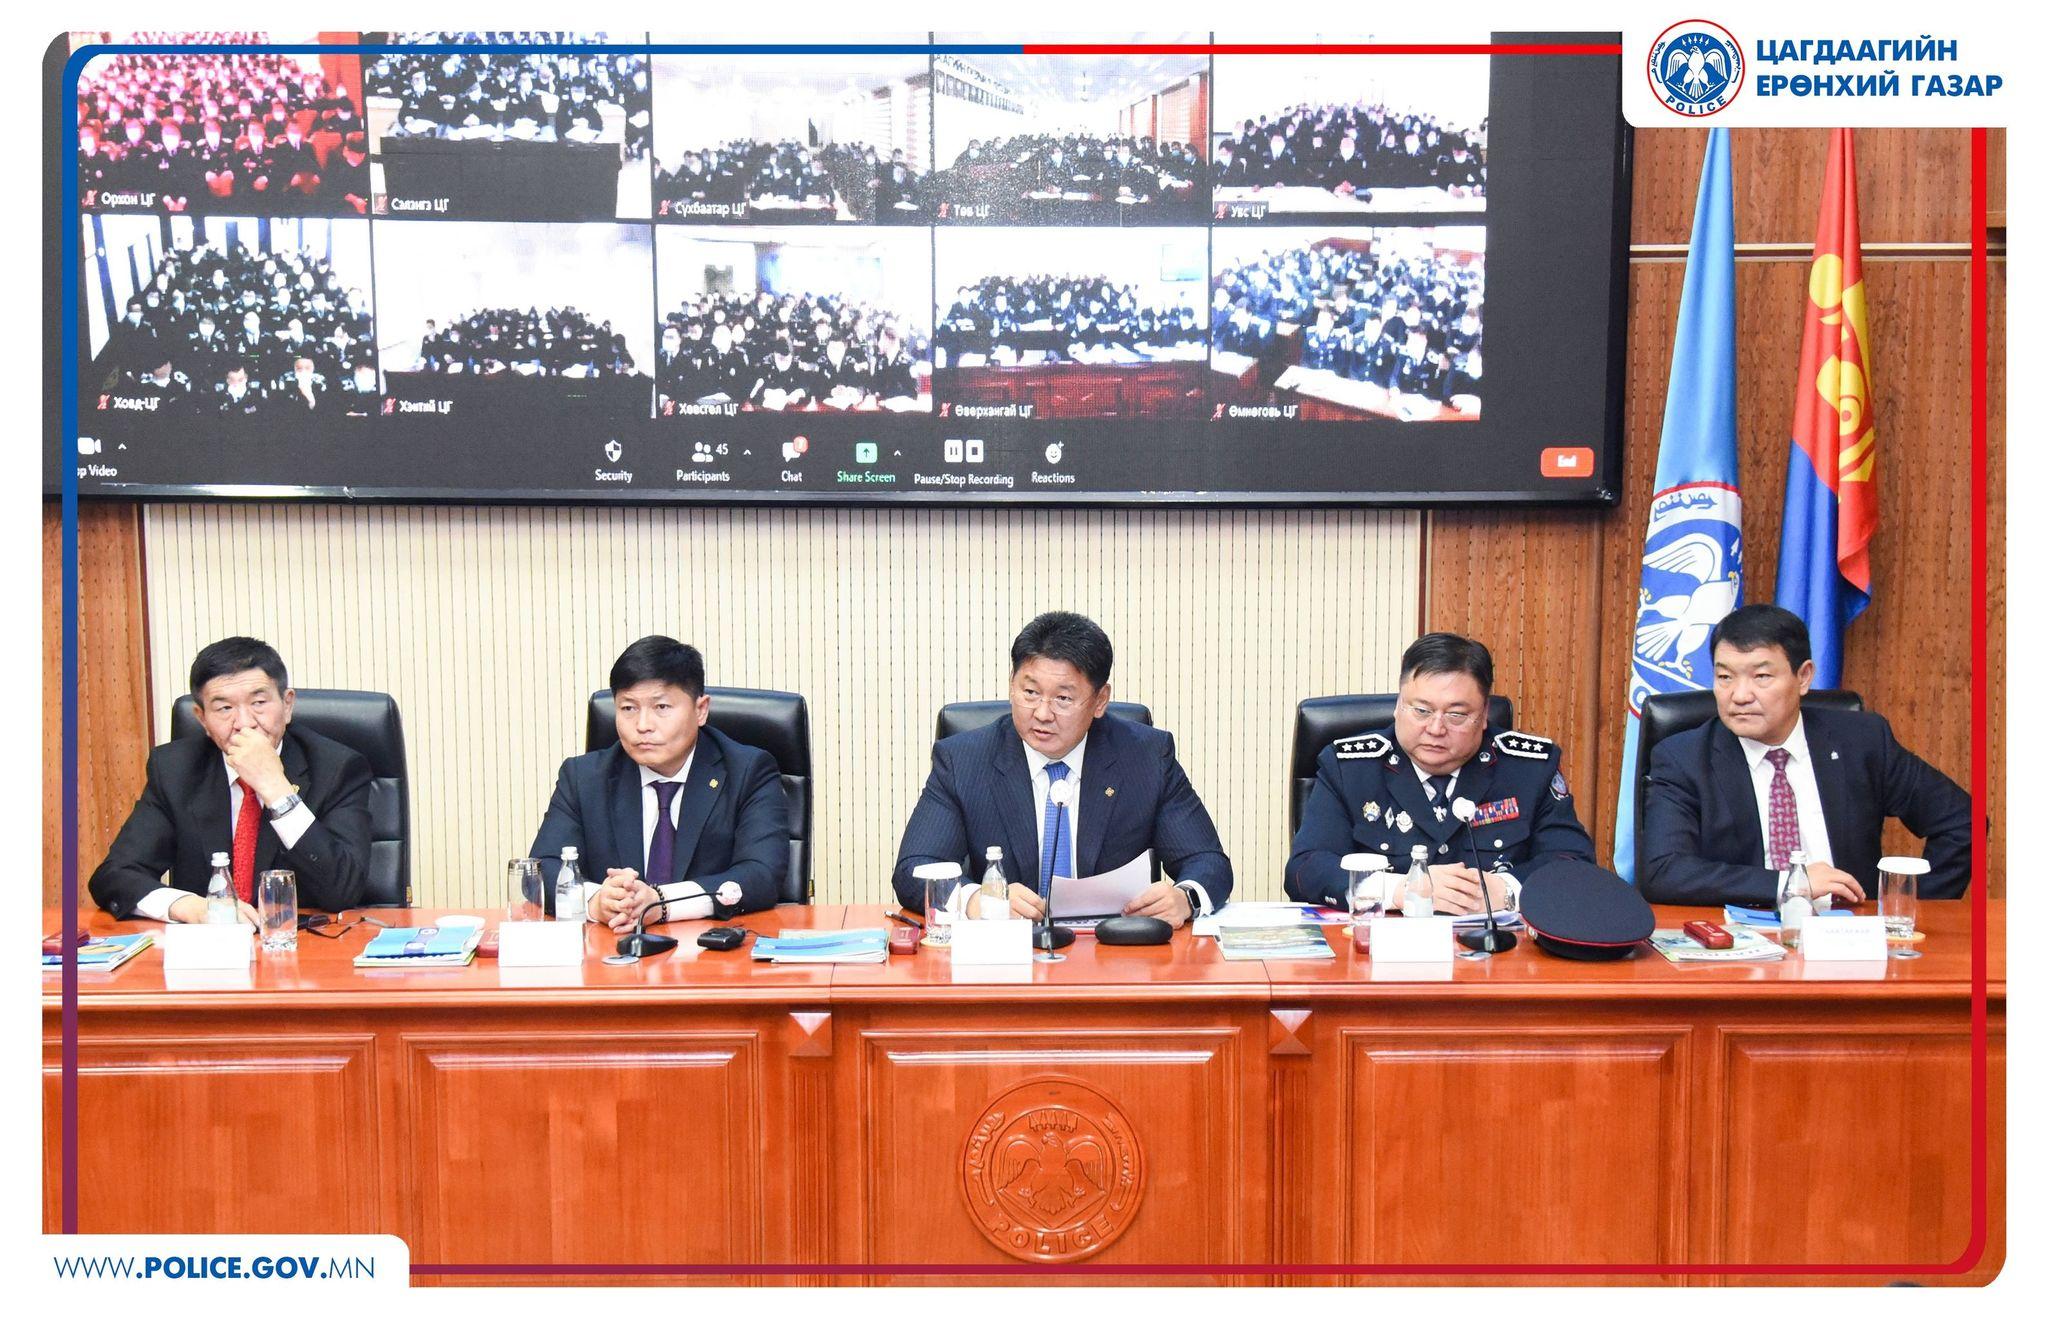 Монгол Улсын Ерөнхий сайд Цагдаа, дотоодын цэргийн байгууллагын үйл ажиллагаатай танилцлаа